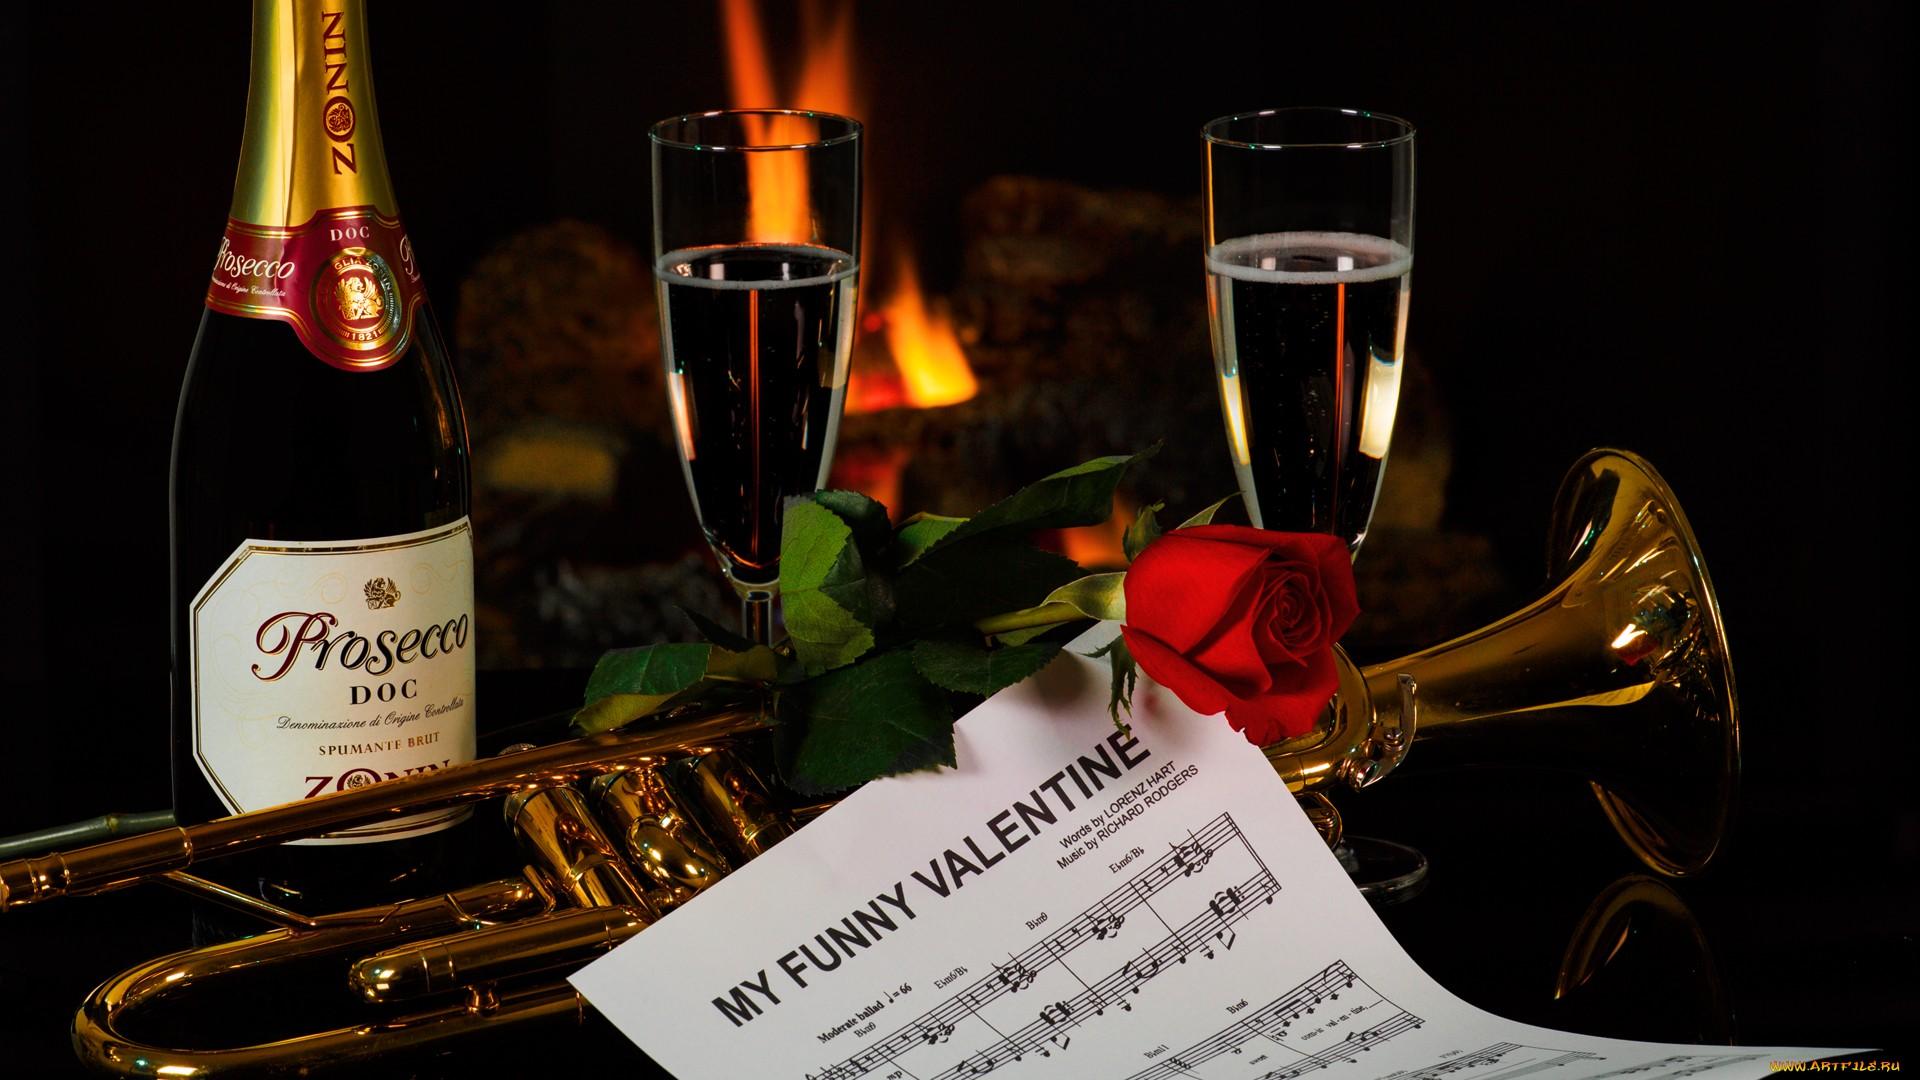 романтическая музыка слушать онлайн зарубежные